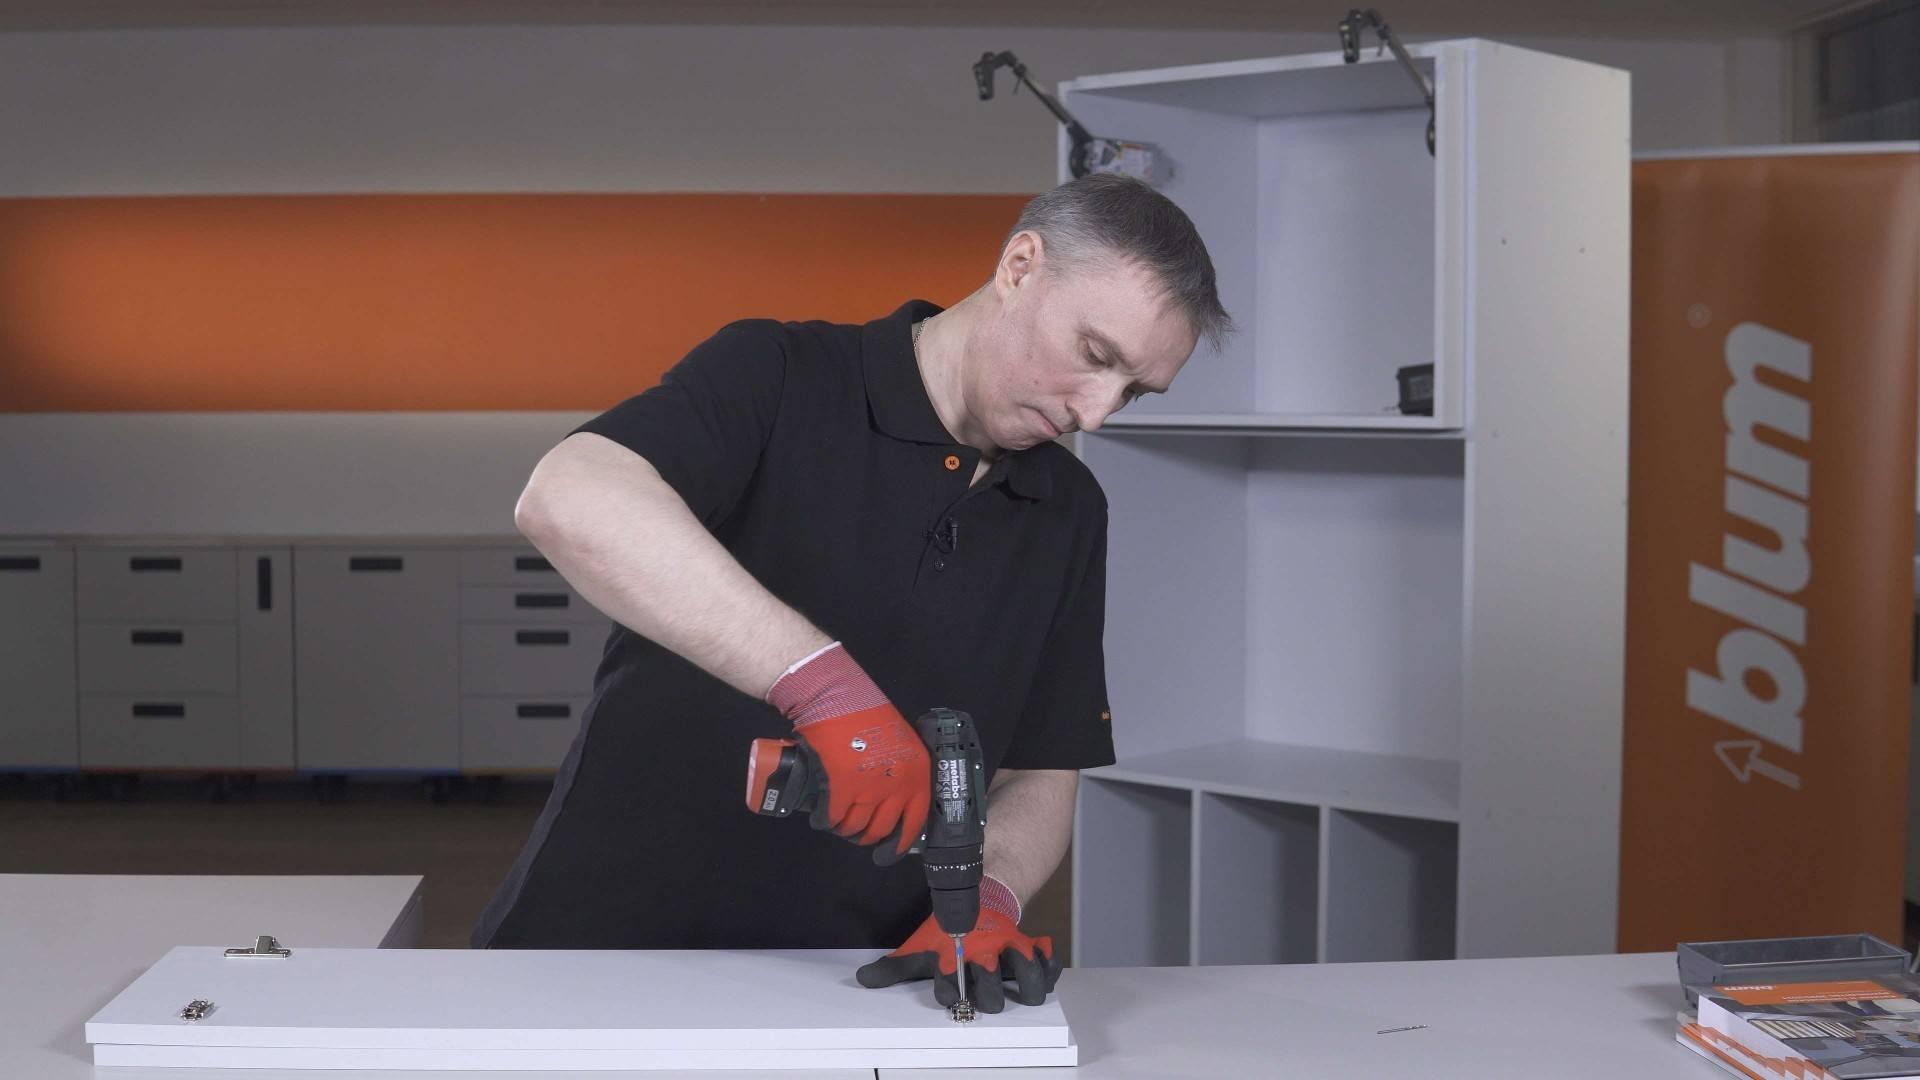 Мебельная фурнитура и системы компании blum